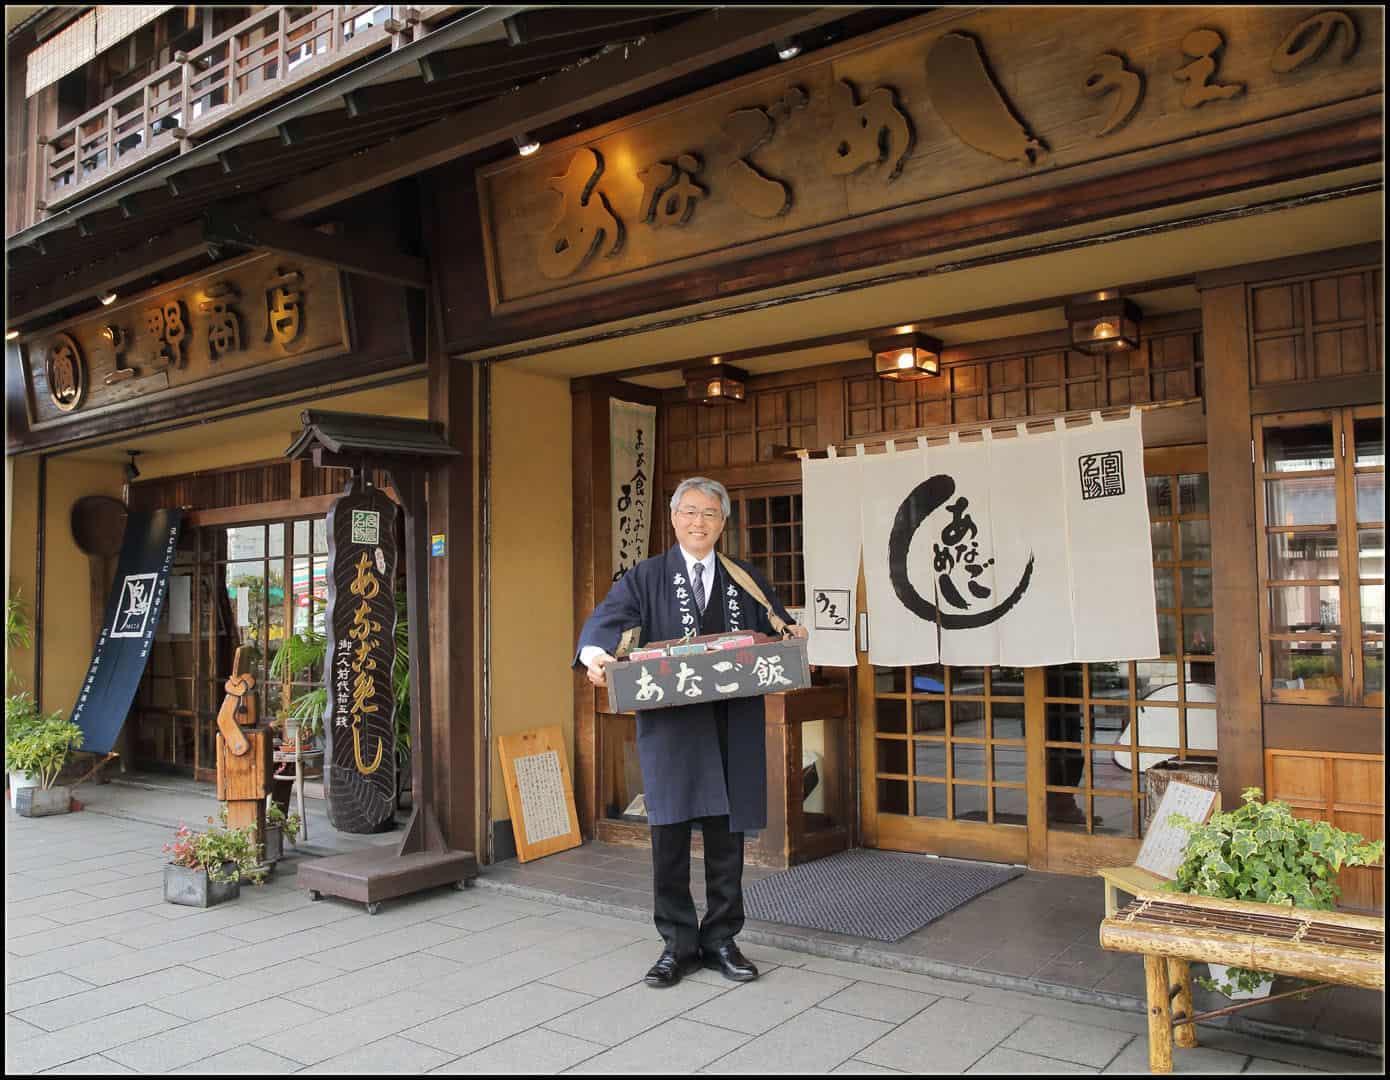 ร้าน อาหาร ใน ฮิโรชิม่า ร้านข้าวหน้าปลาไหล